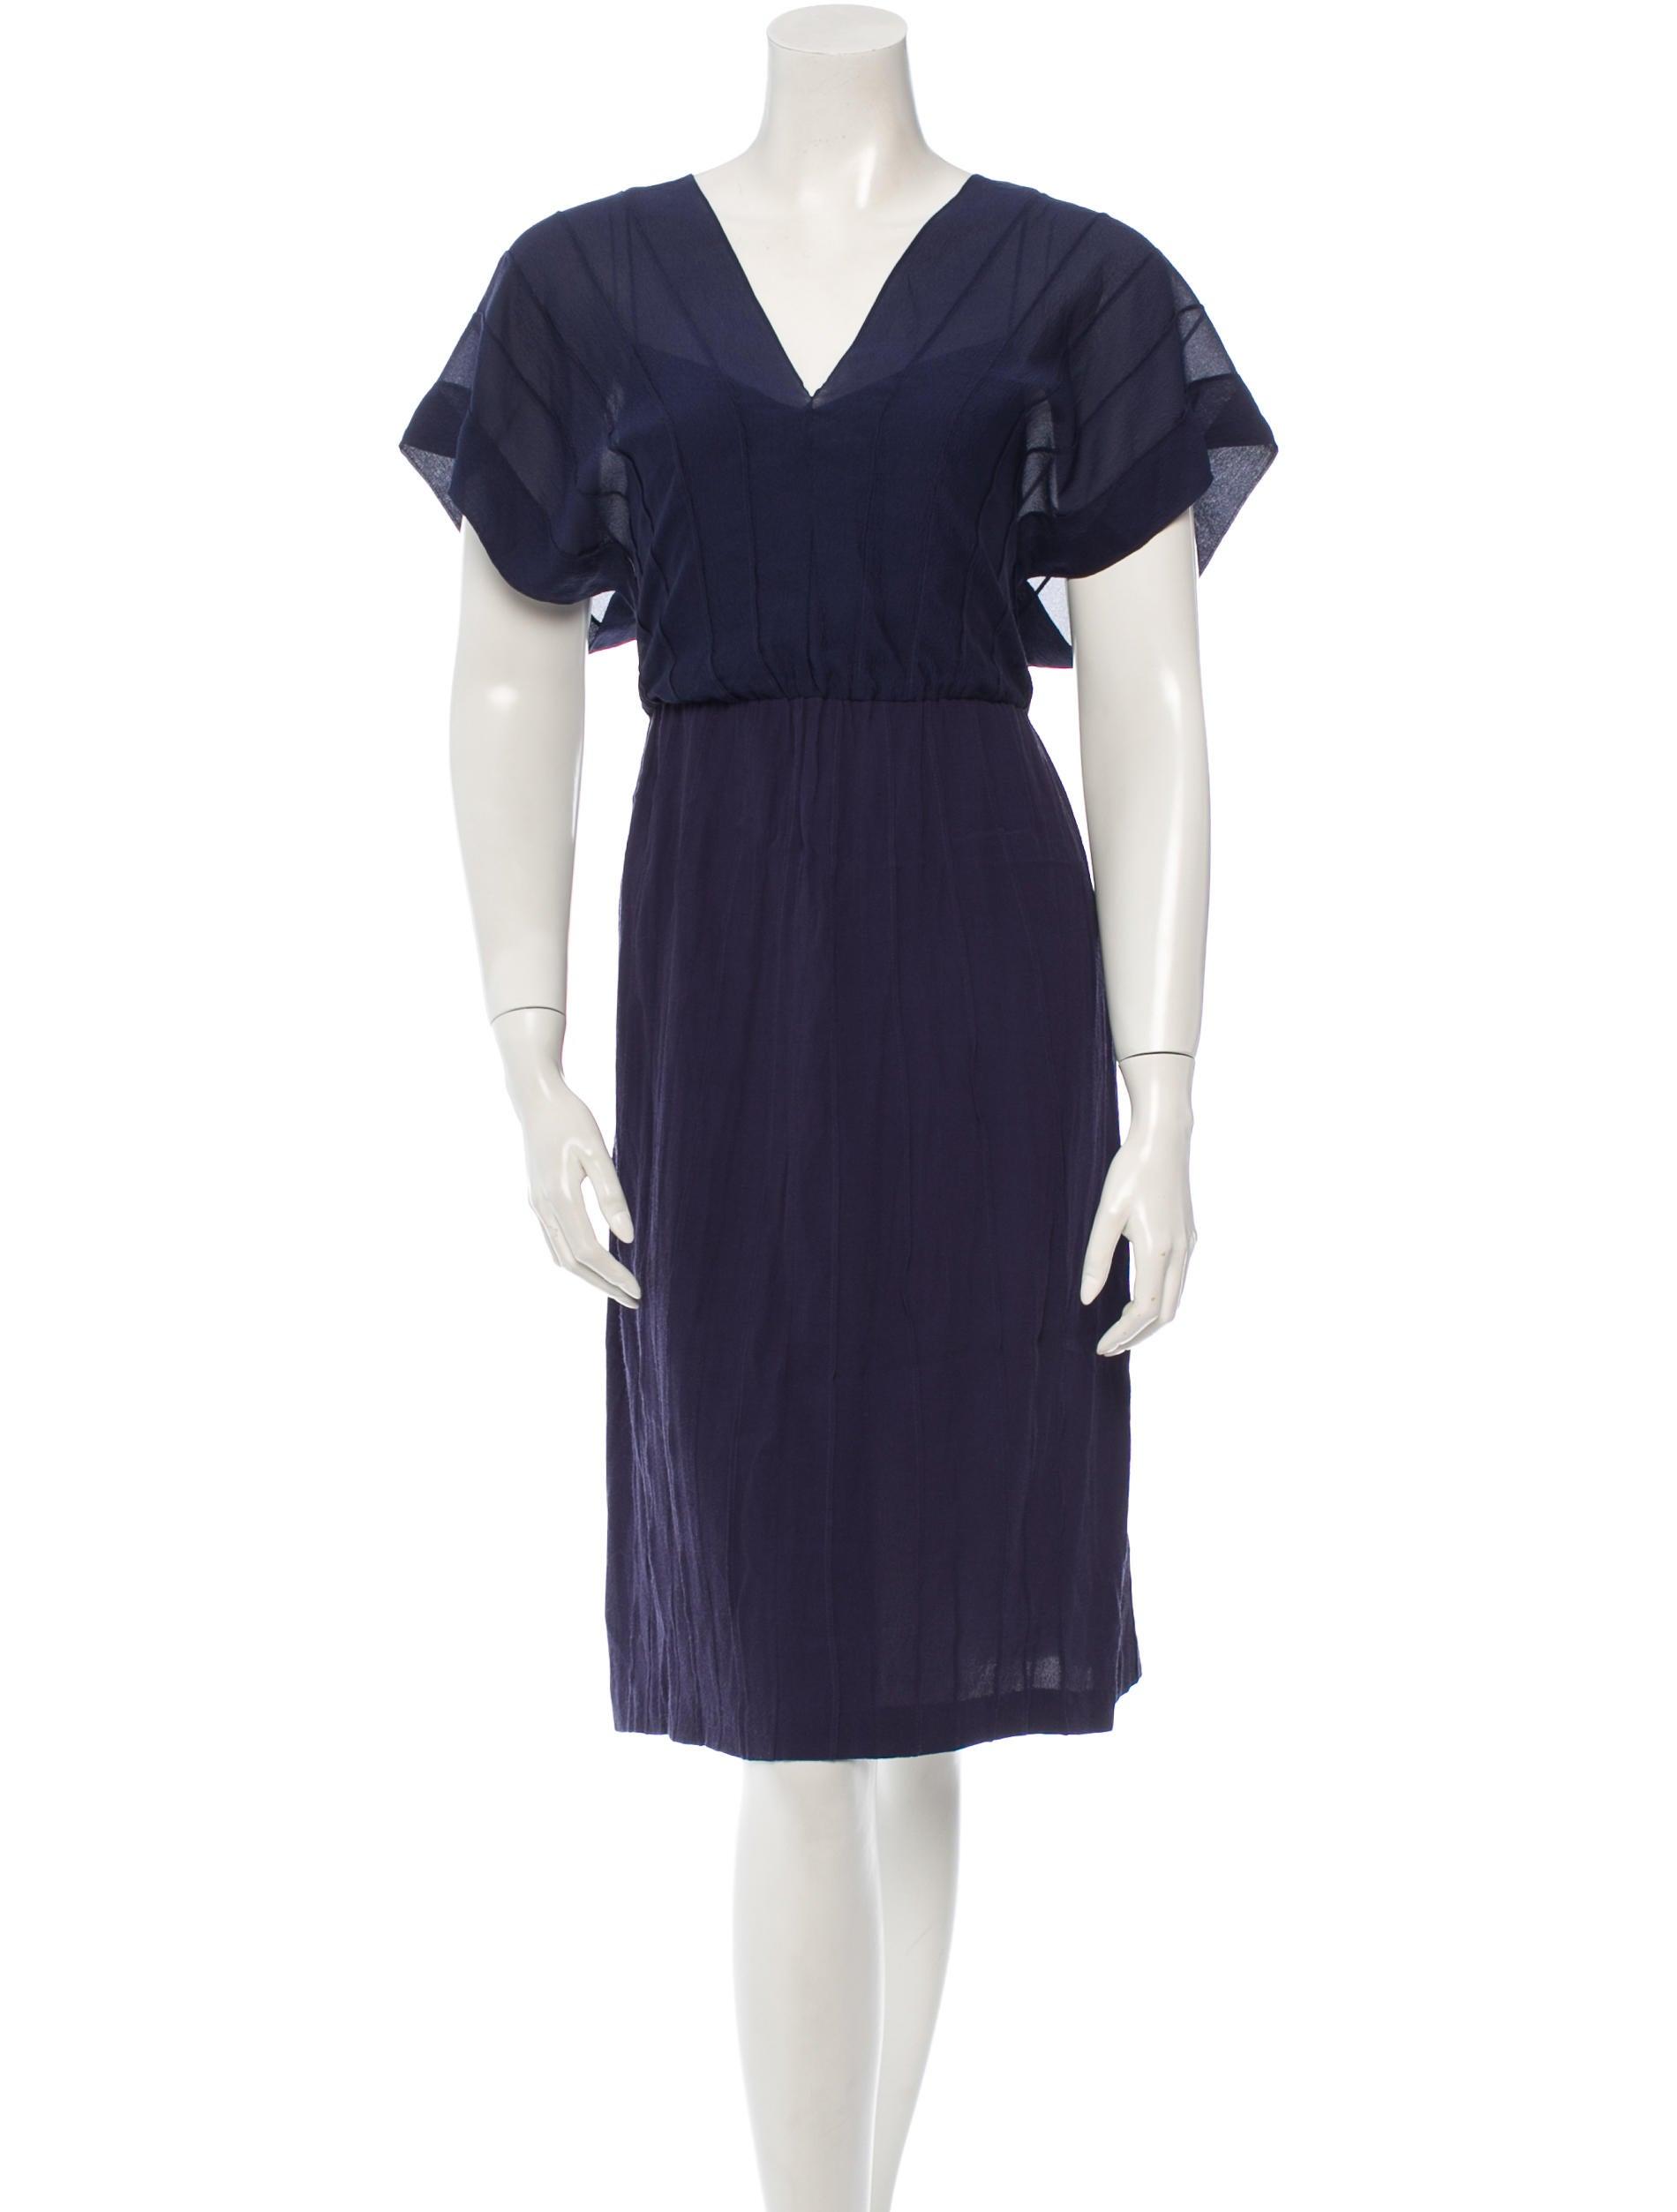 Diane von furstenberg dress clothing wdi40879 the for Diane von furstenberg shirt